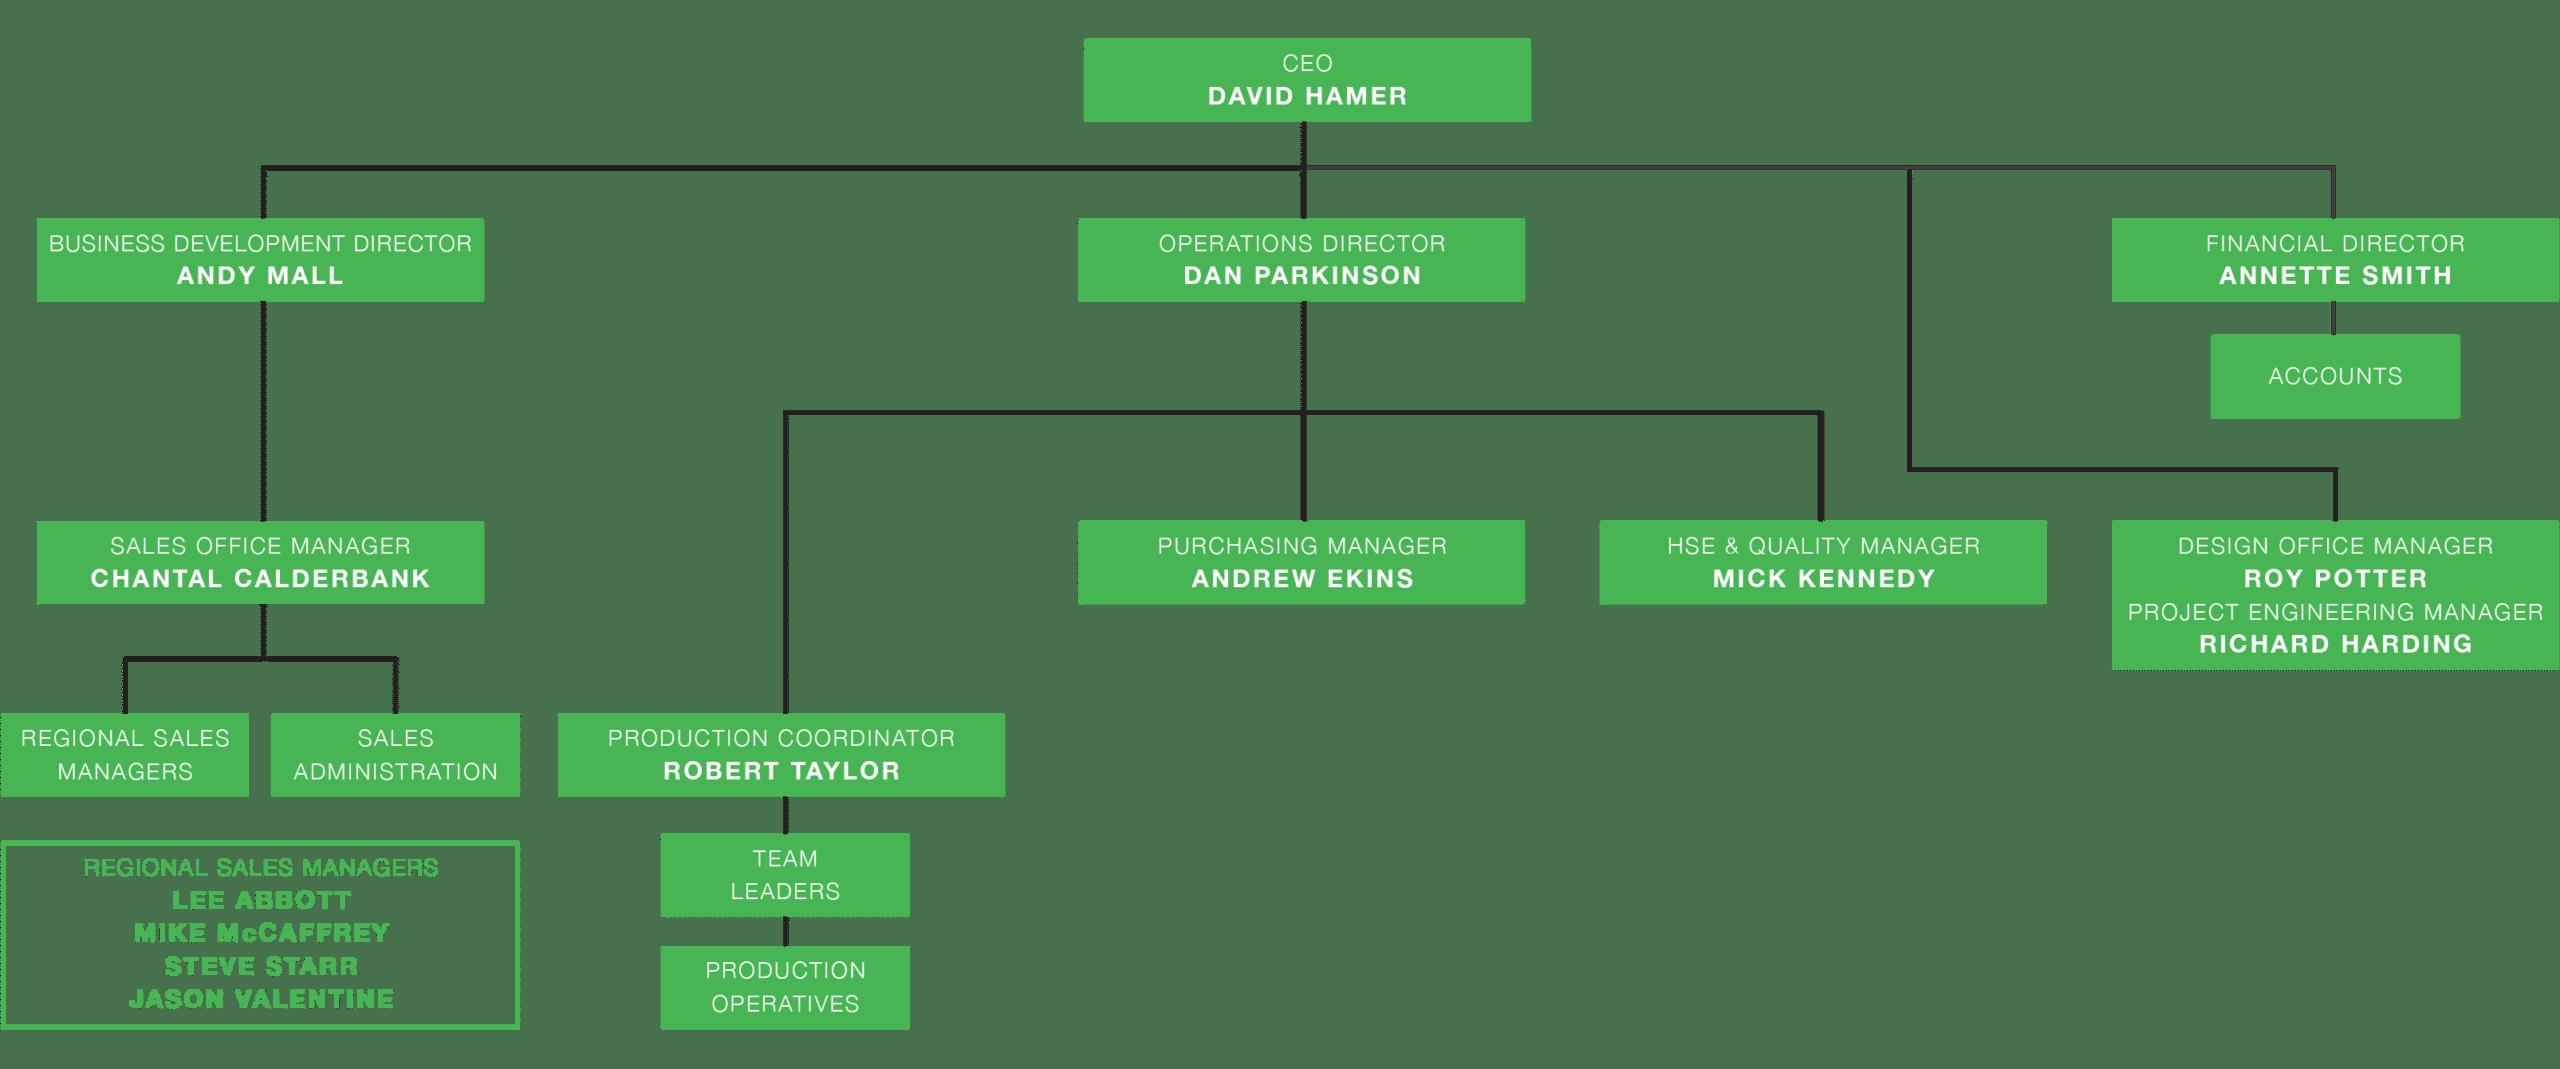 Pakawaste Organisational Chart